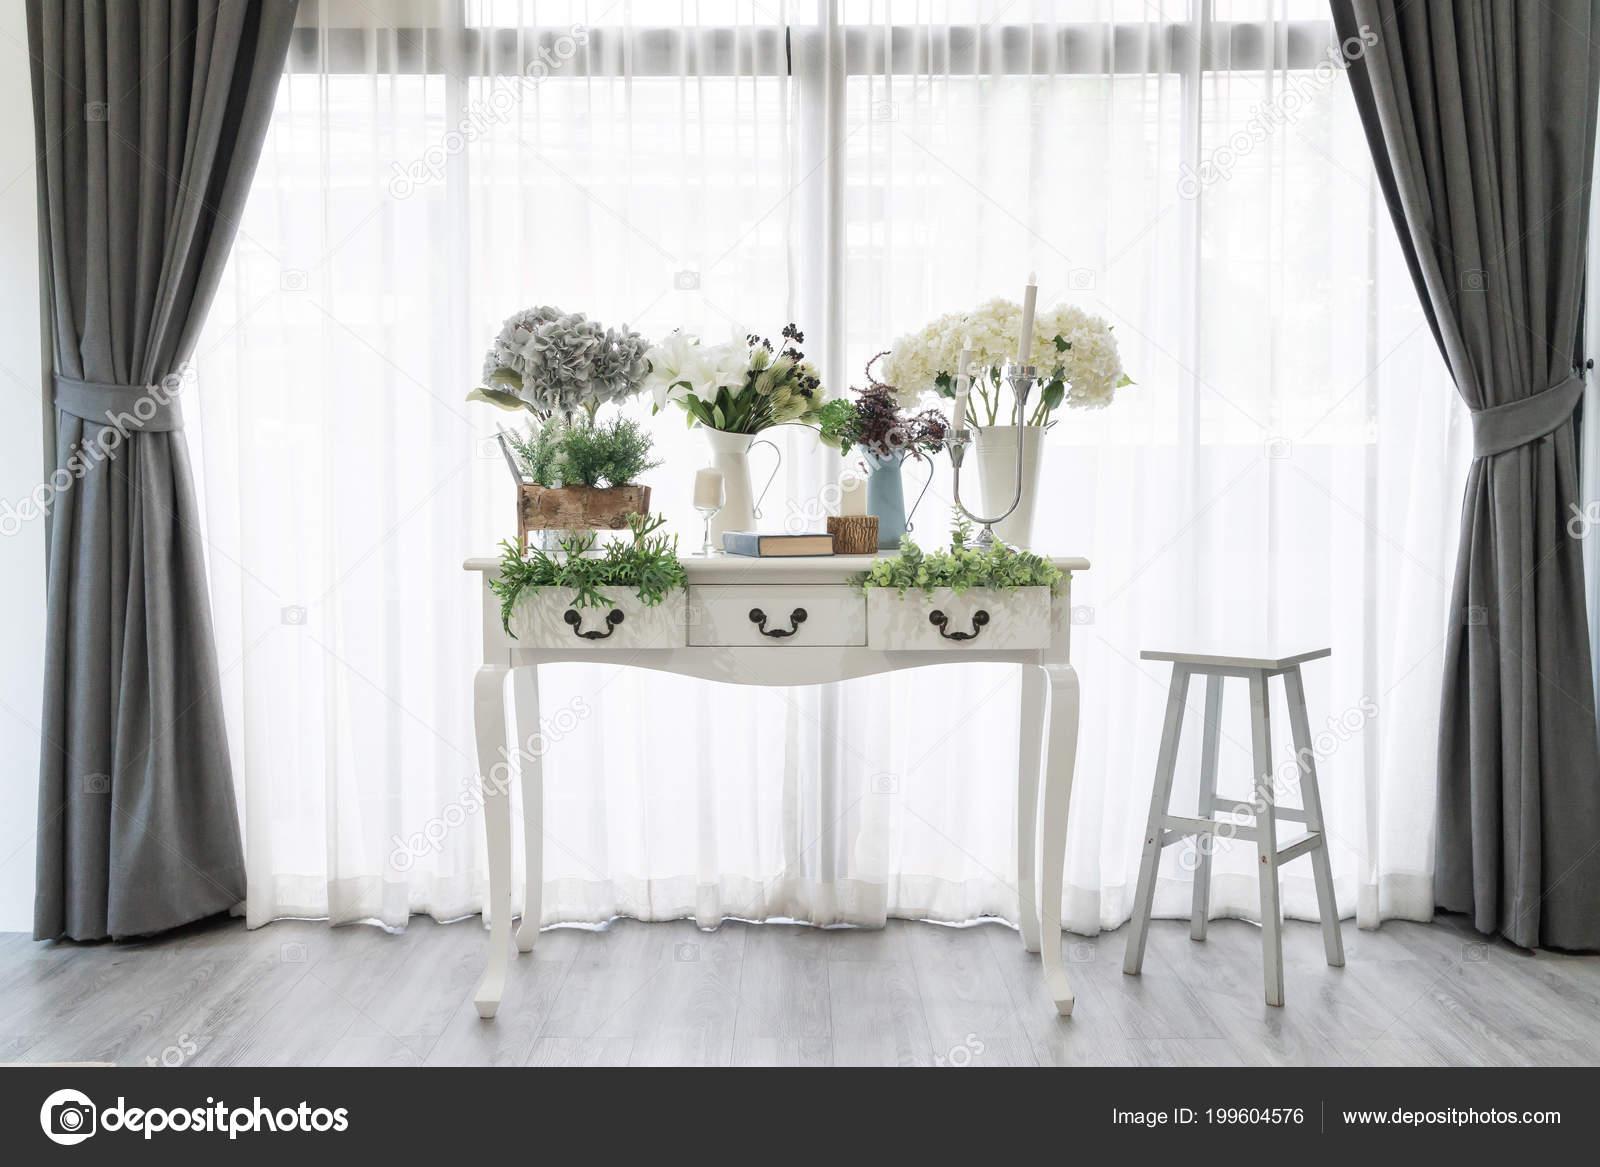 Schöne Weiße Möbel Tisch Dekoration Wohnzimmer Mit Blumen Und Vase ...